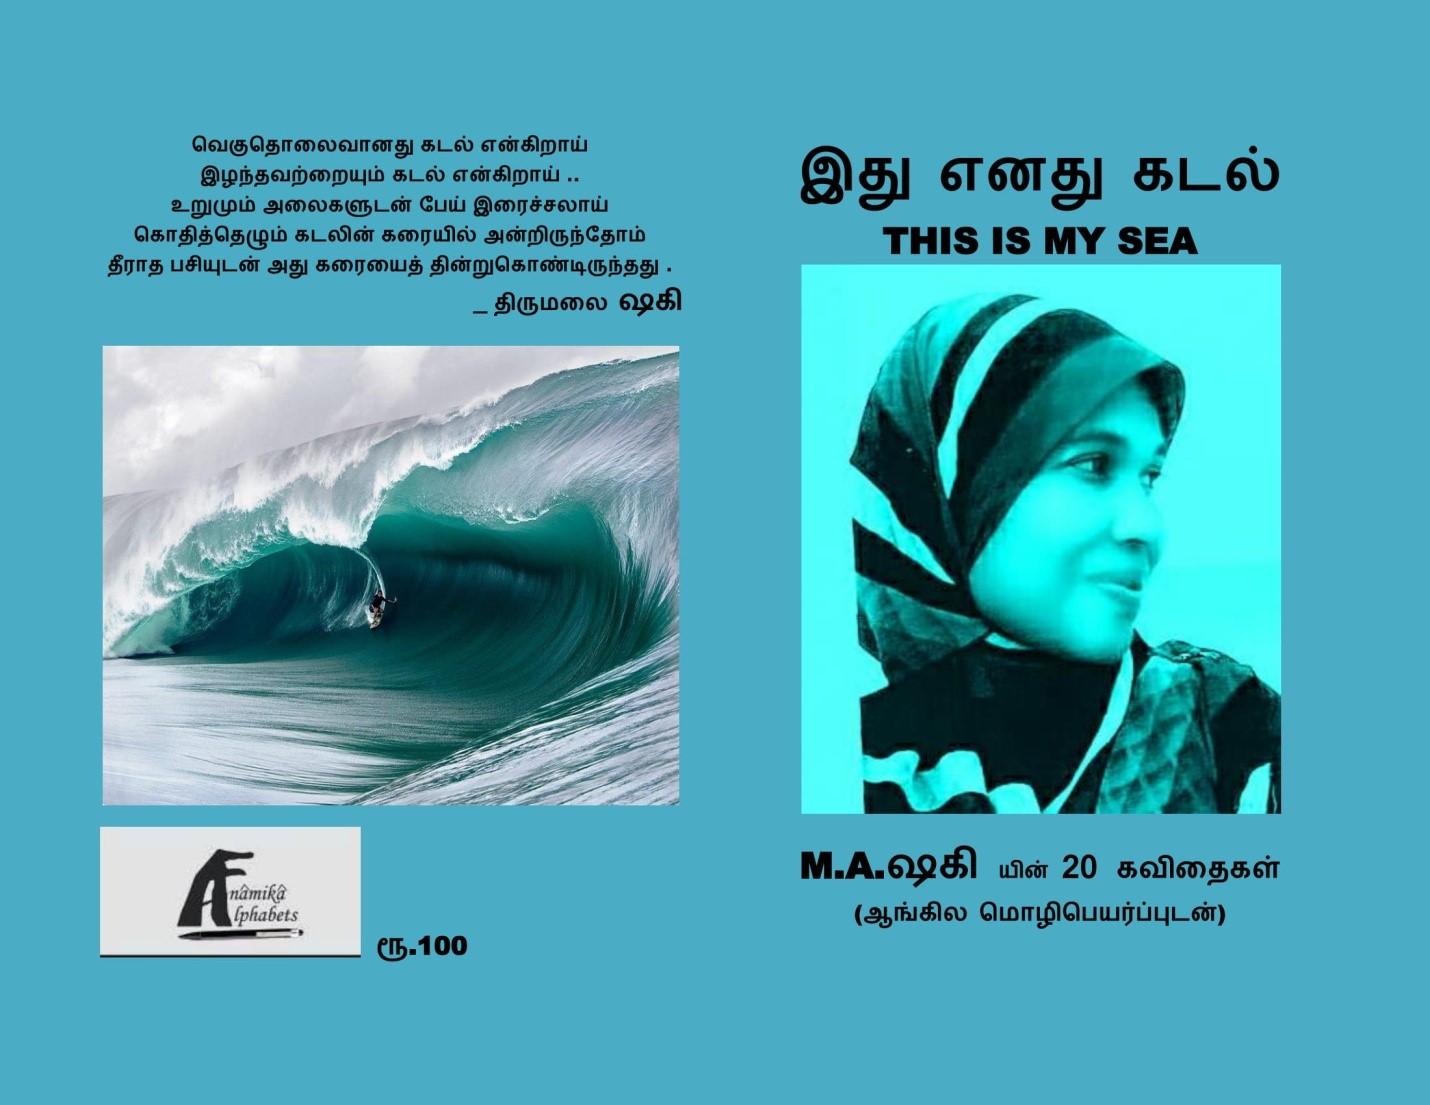 இது எனதுகடல் THIS IS MY SEA கவிஞர் எம்.ஏ.ஷகியின் 20 கவிதைகள் மற்றும் அவற்றின் ஆங்கில மொழிபெயர்ப்புகள் இடம்பெறும் இருமொழித் தொகுப்பு